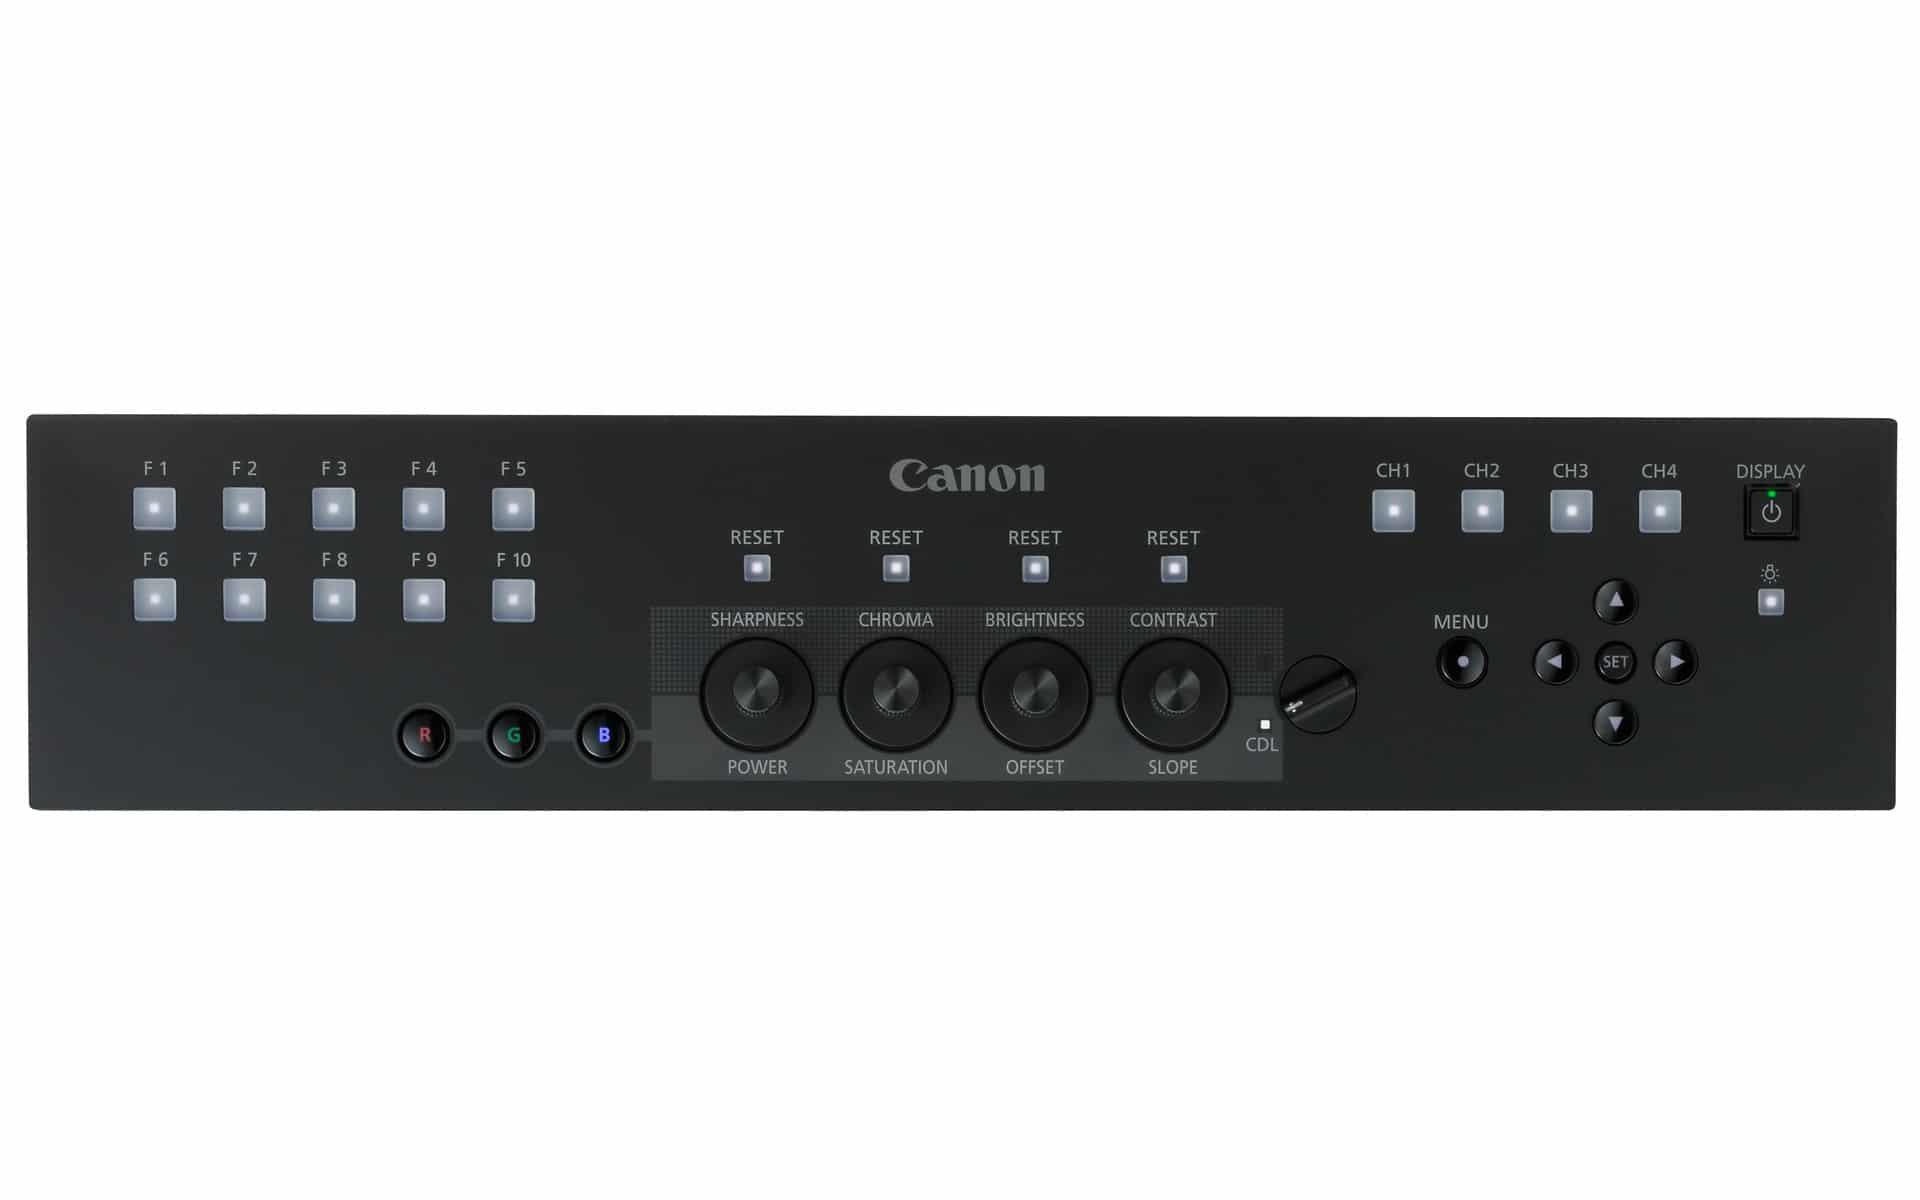 Steuerungselement des Canon DP-V3010 4K Monitors